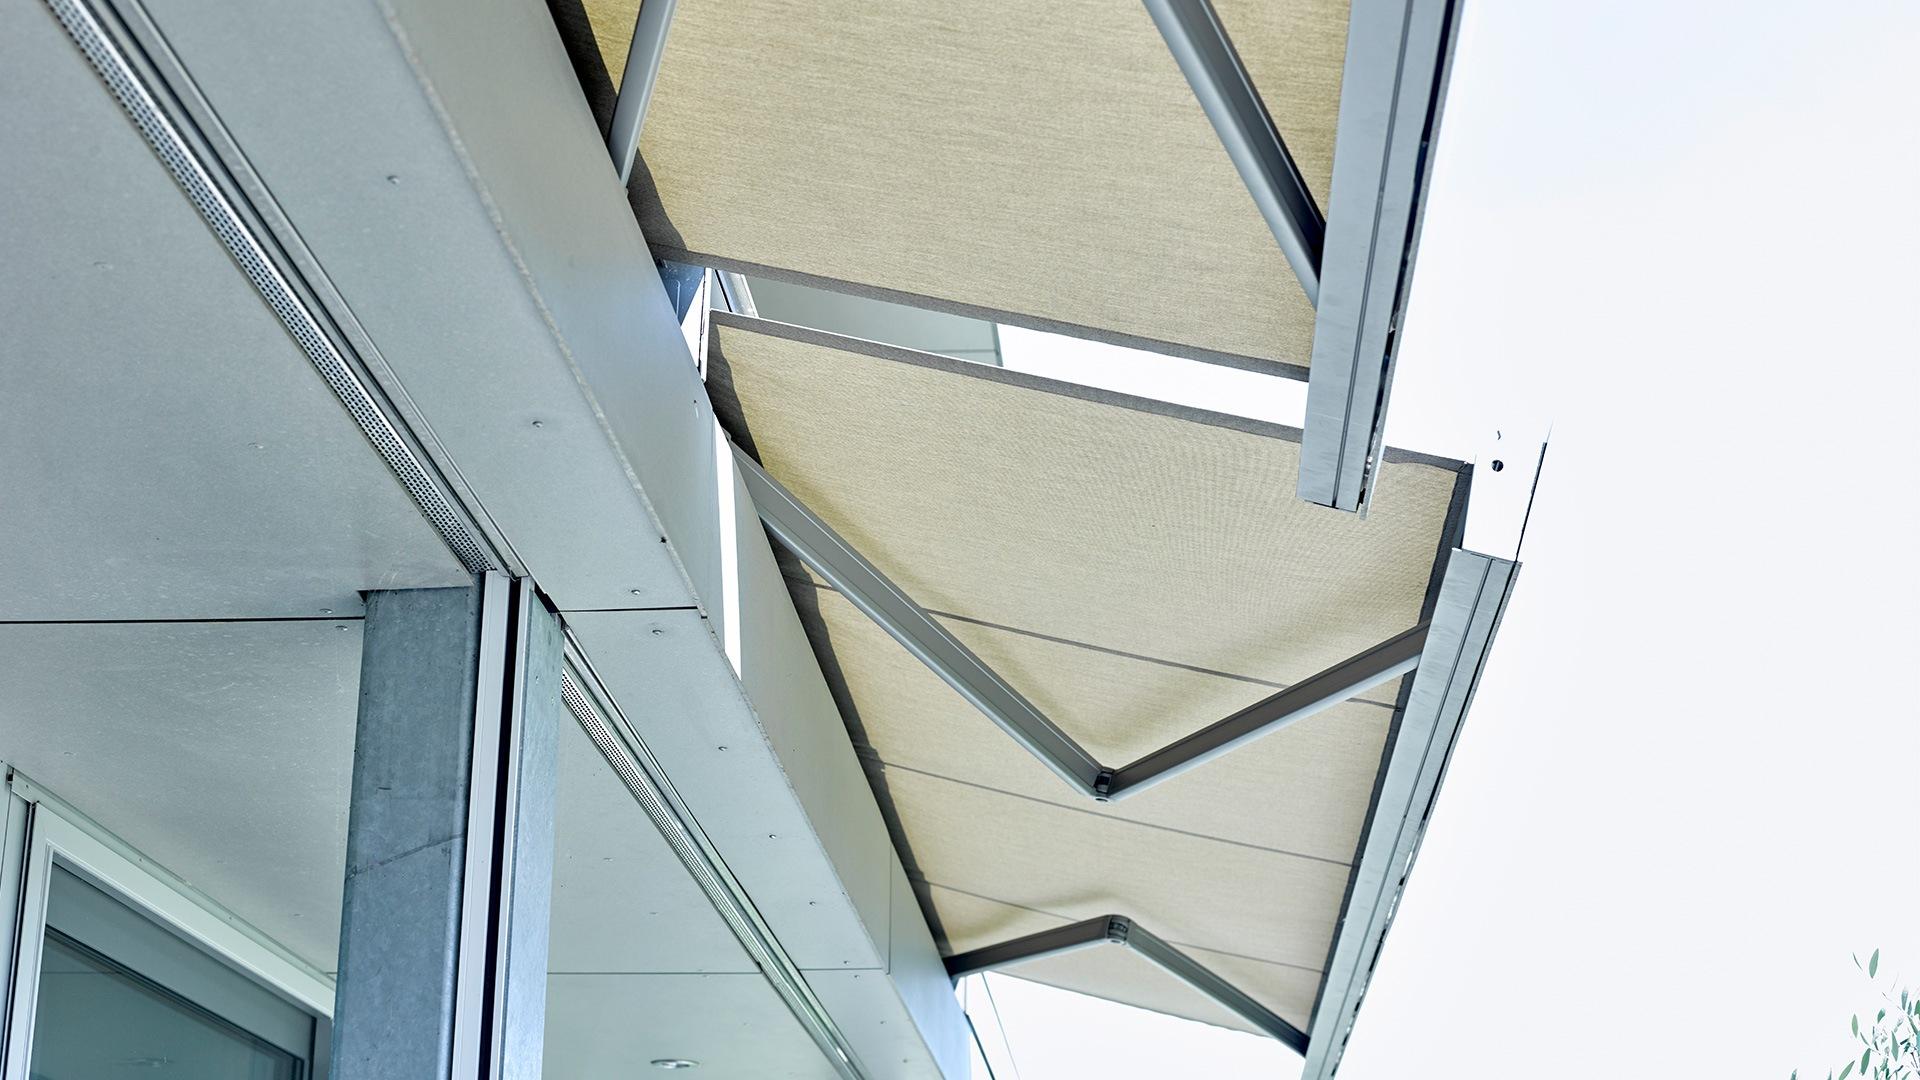 zanker cofano 03 - Sonnenschutz für Balkon und Terrasse